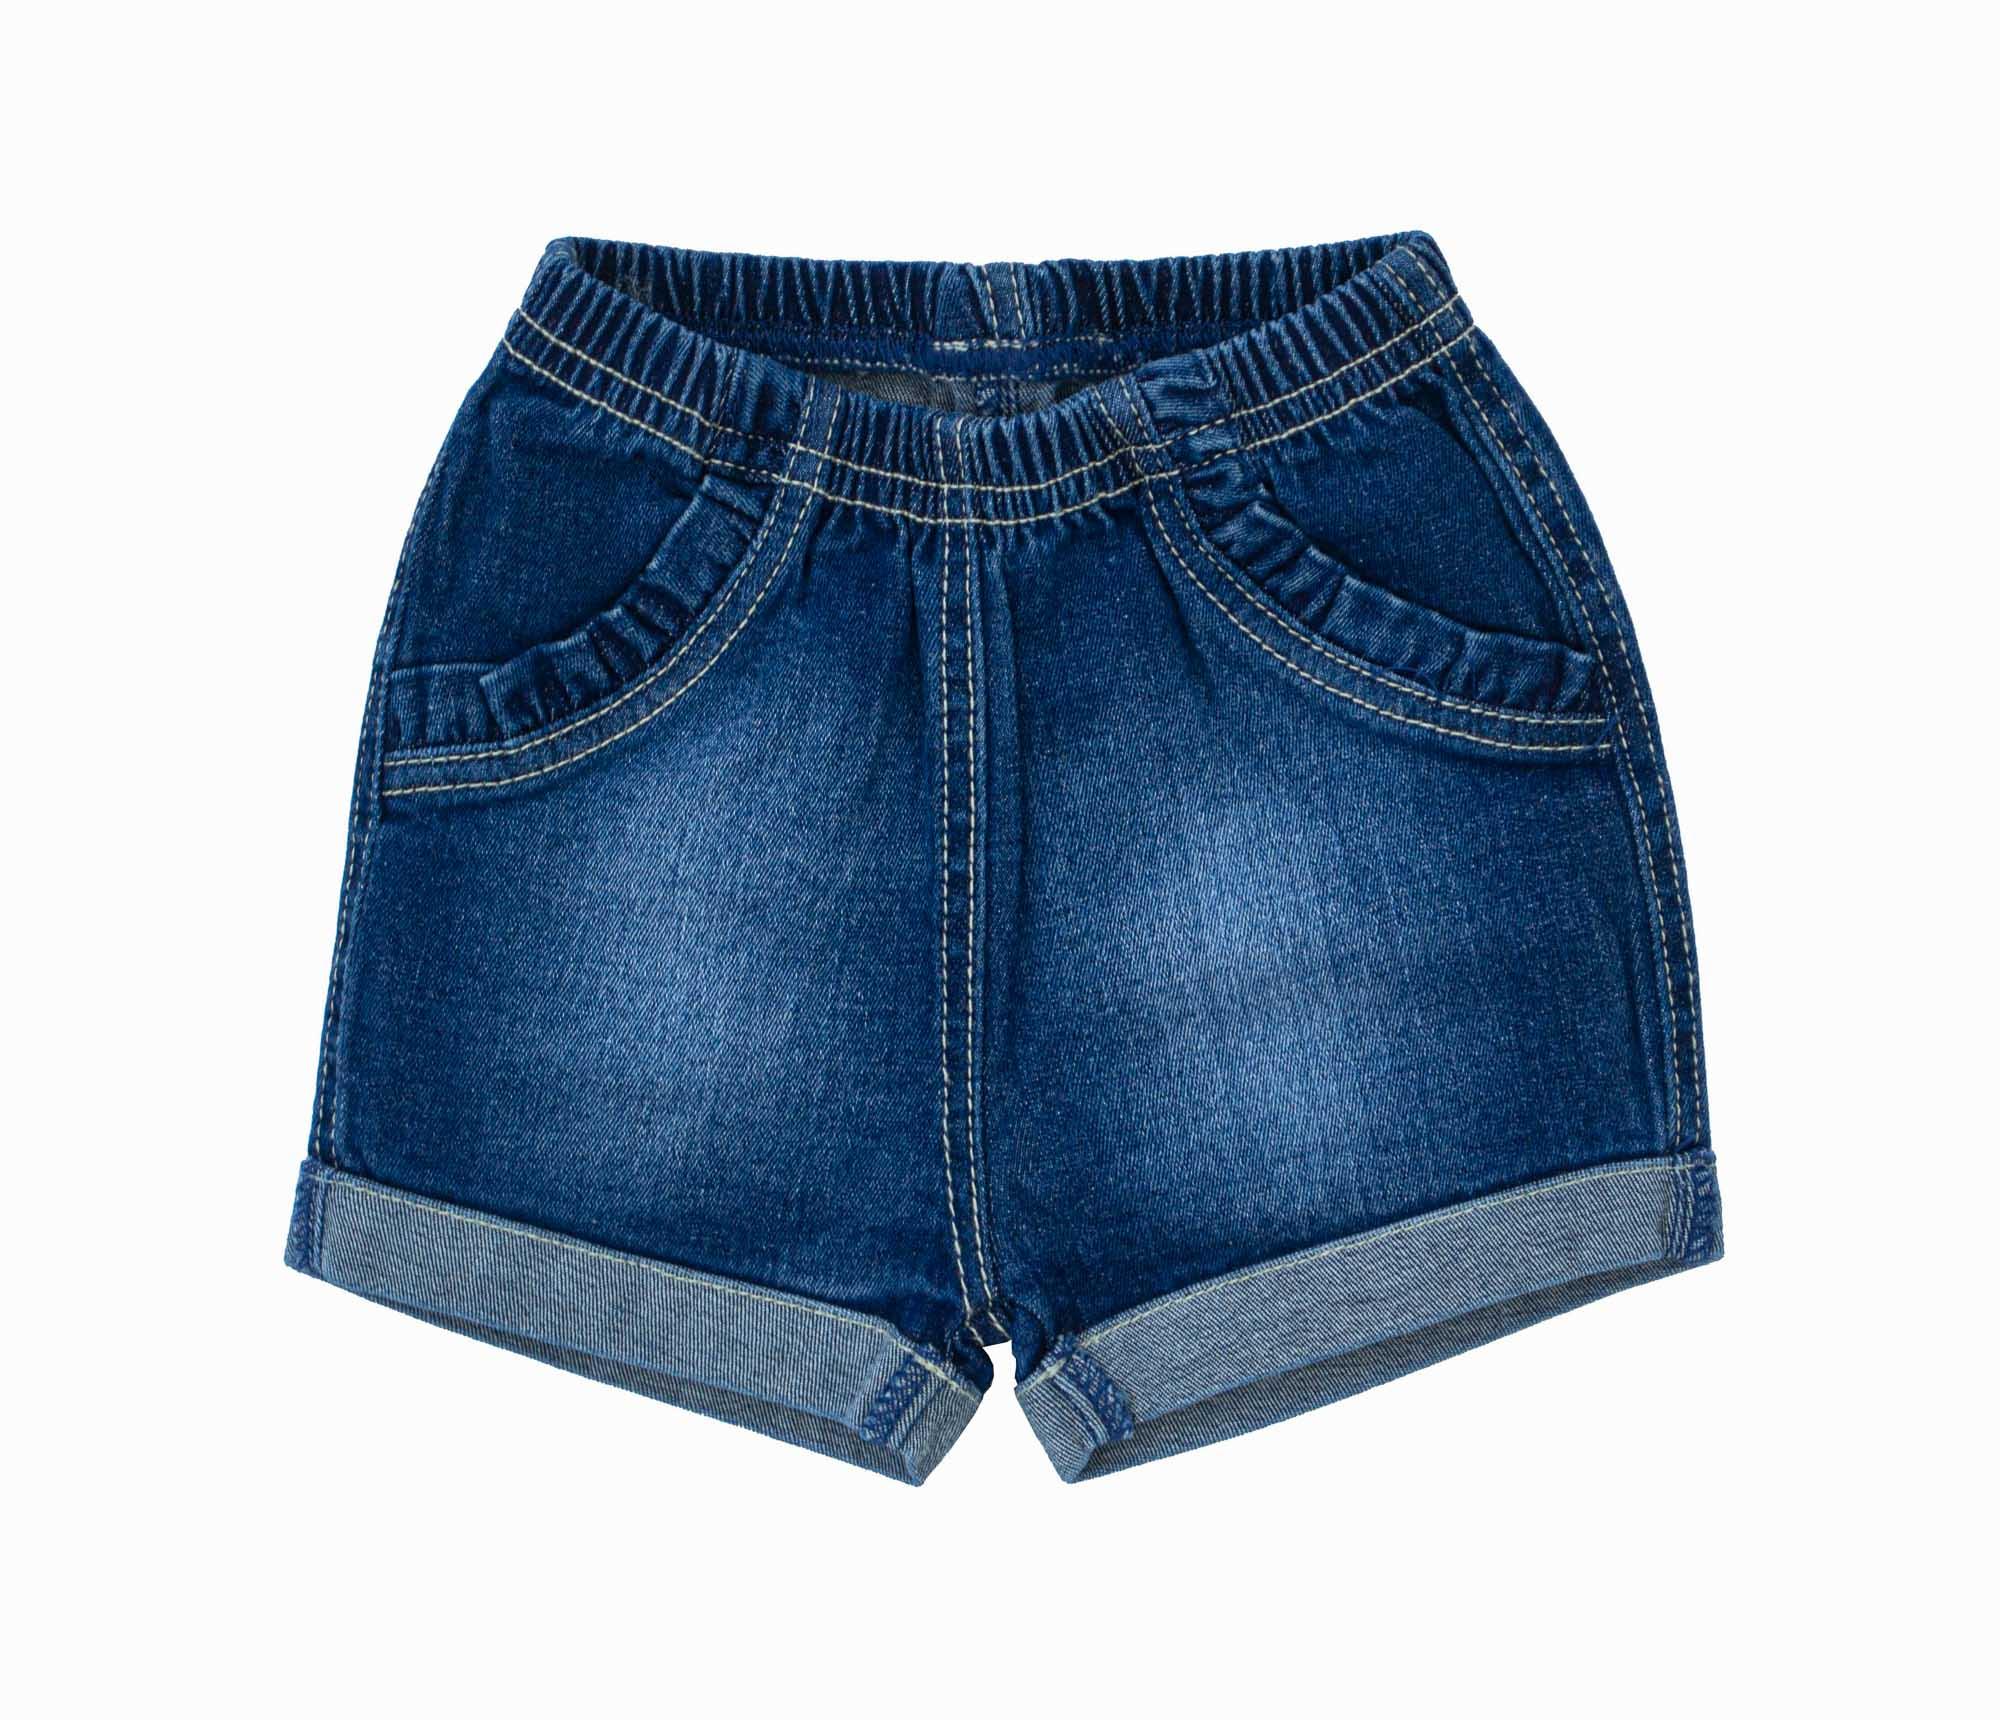 Shorts Jeans Feminino 213002